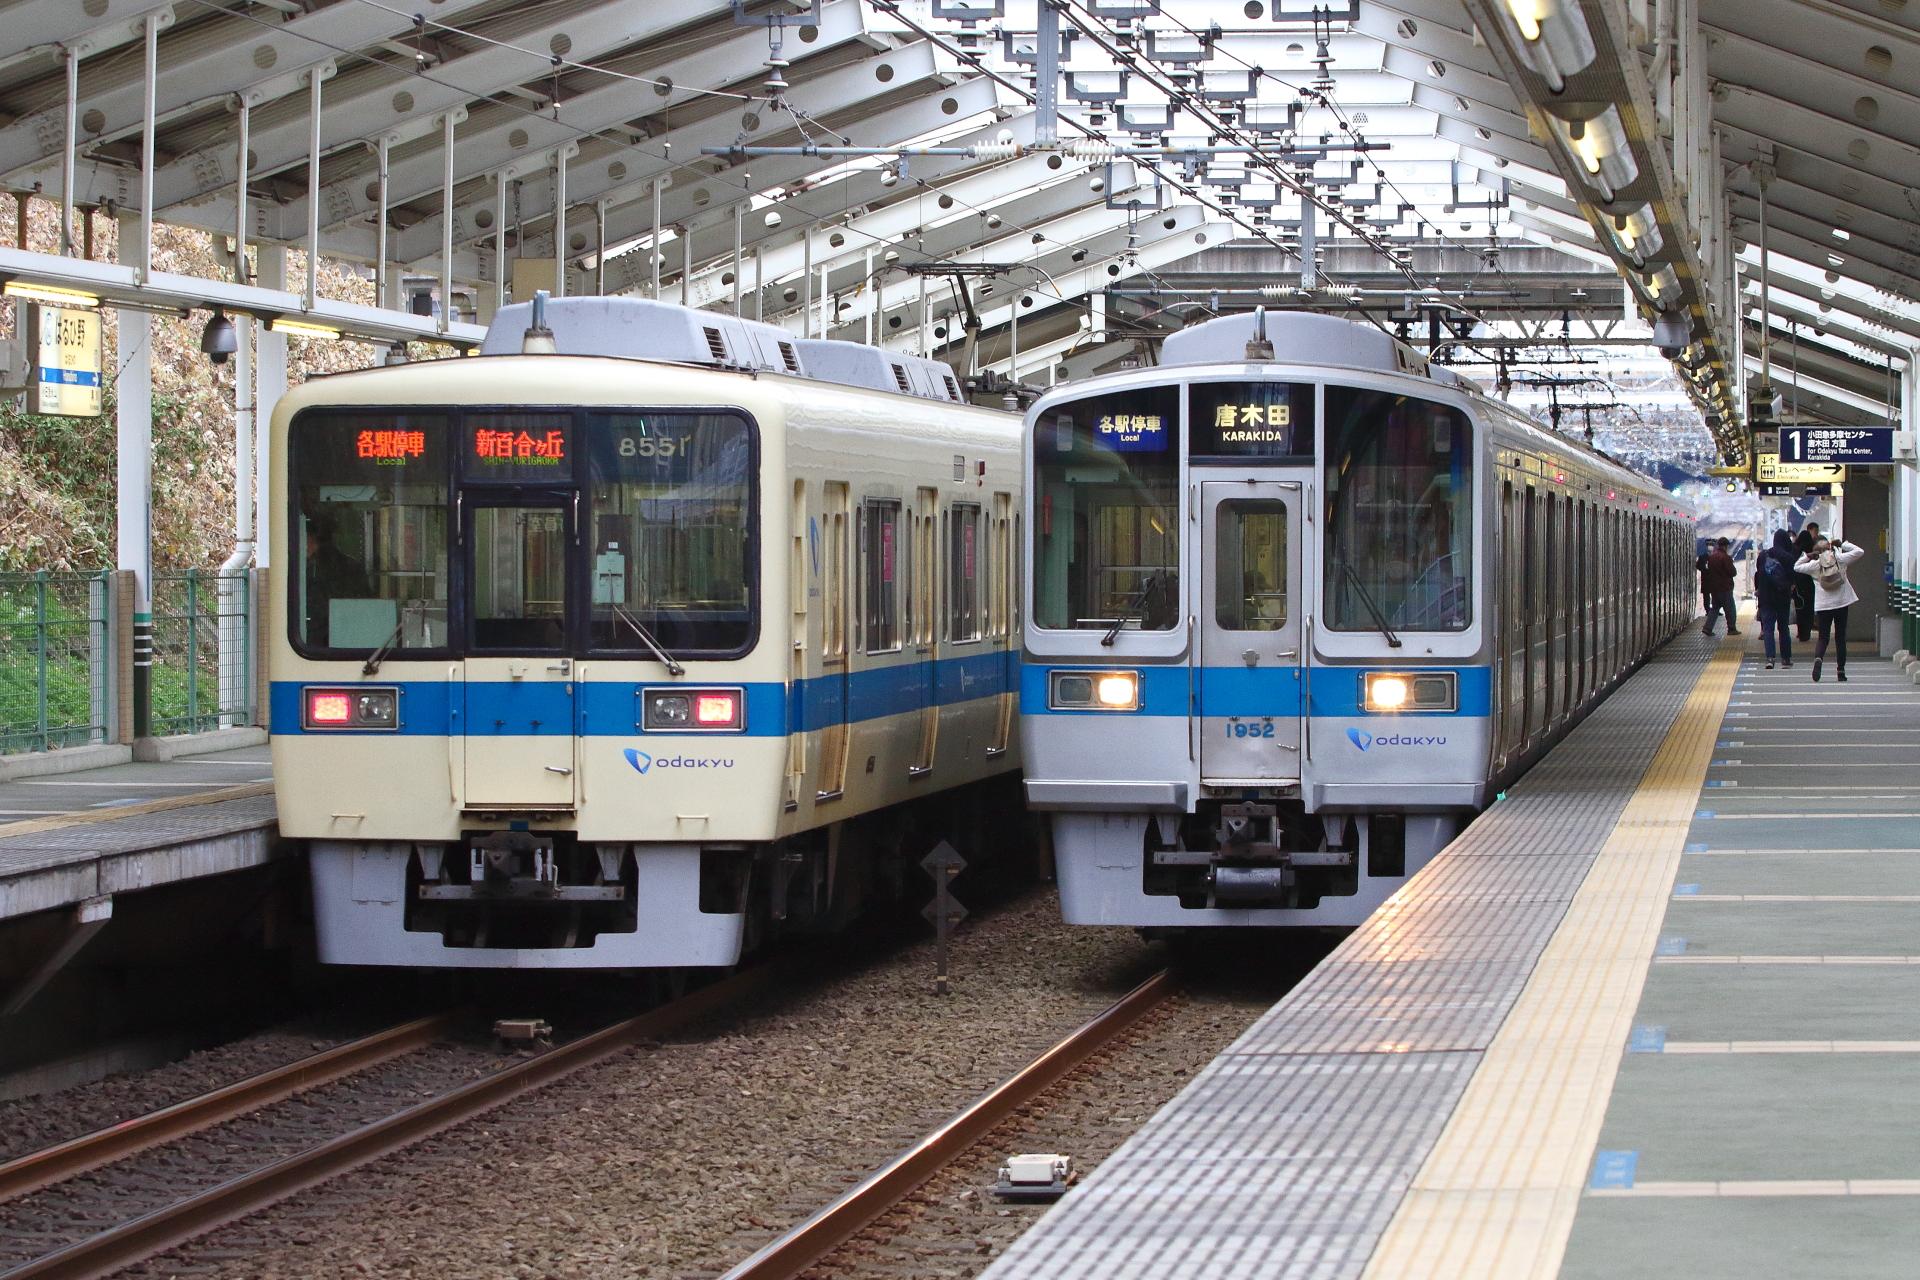 登山 運用 箱根 鉄道